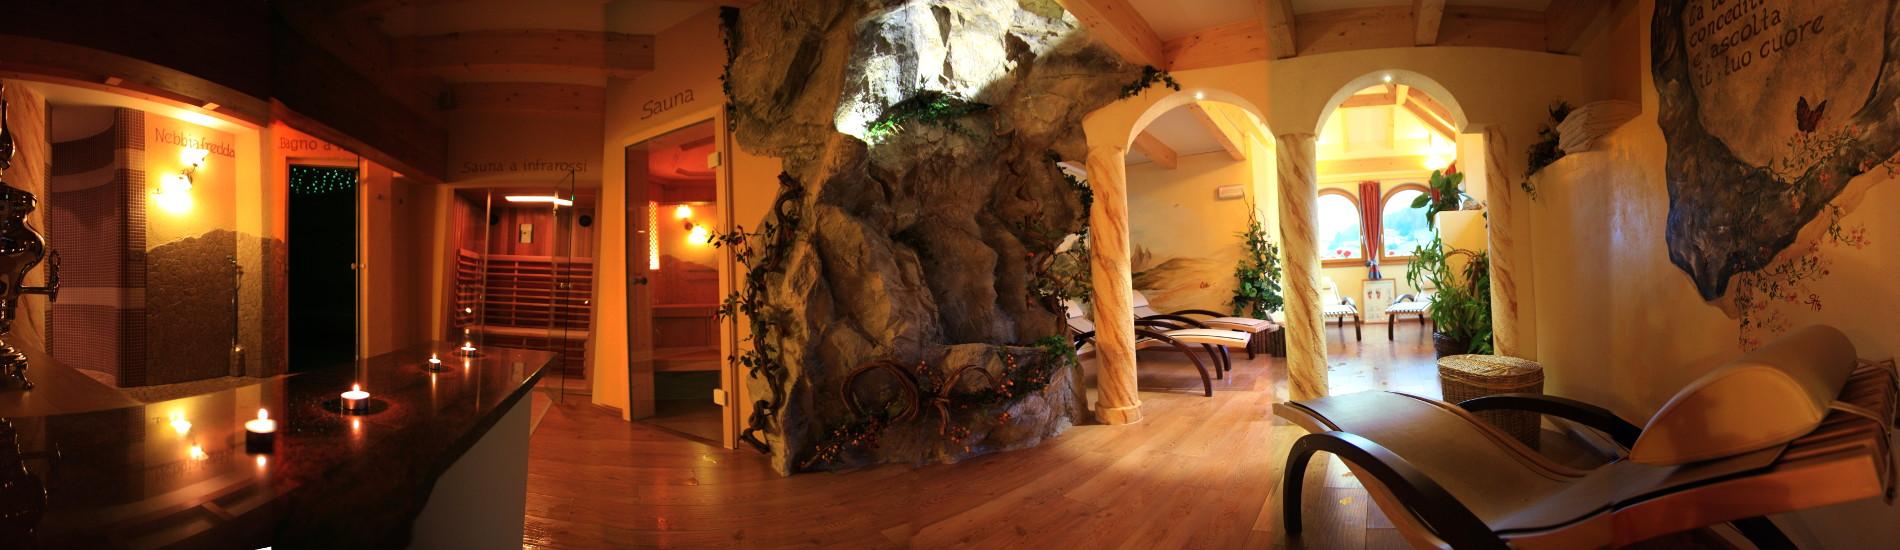 Hotel Con Spa E Centro Benessere Val di Fassa Trentino | Hotel La Grotta